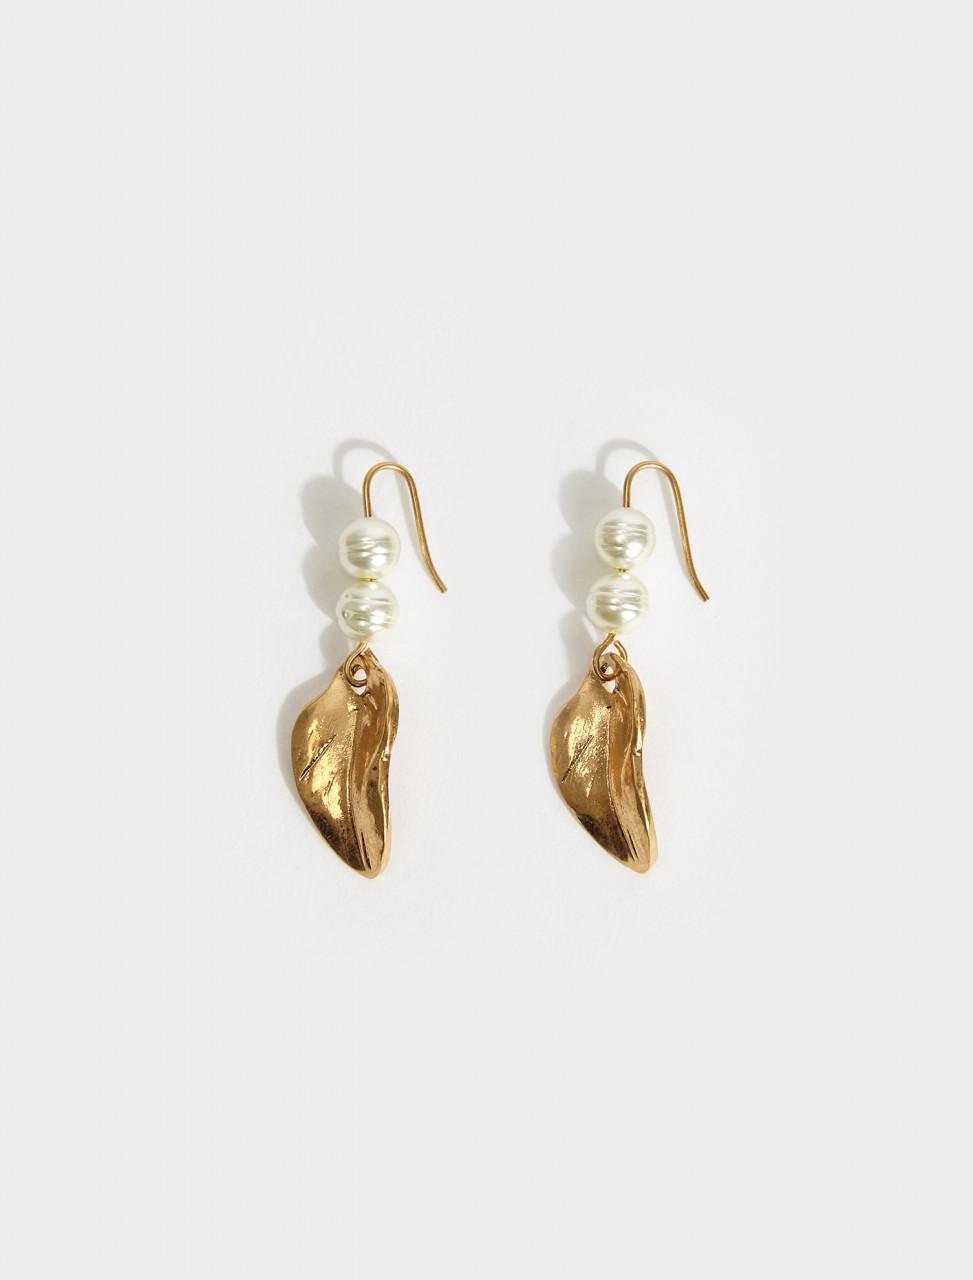 ORMV0271A0-00Y65 MARNI EARRING GOLD